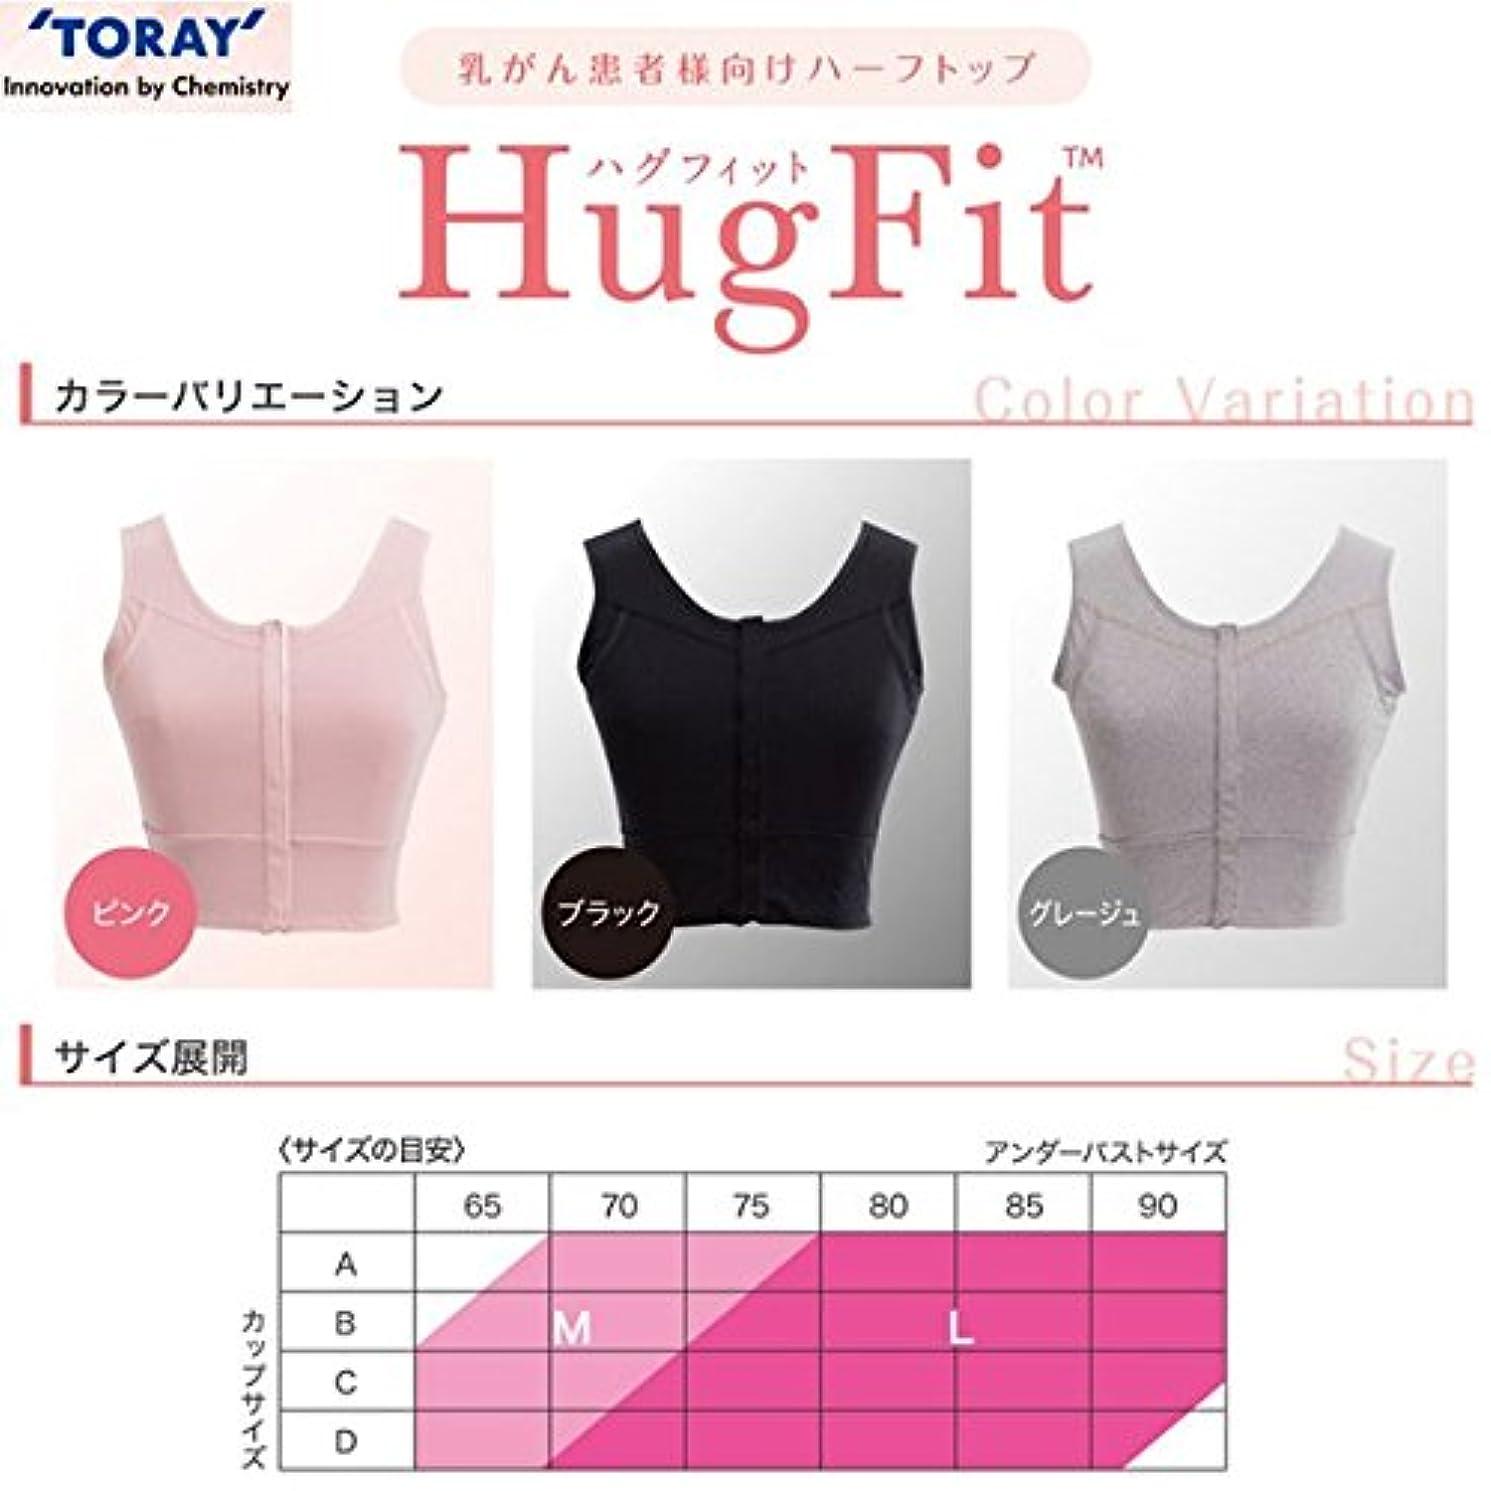 対象熱帯の楽しませるハグフィット HugFit ピンク Lサイズ 東レ?メディカル